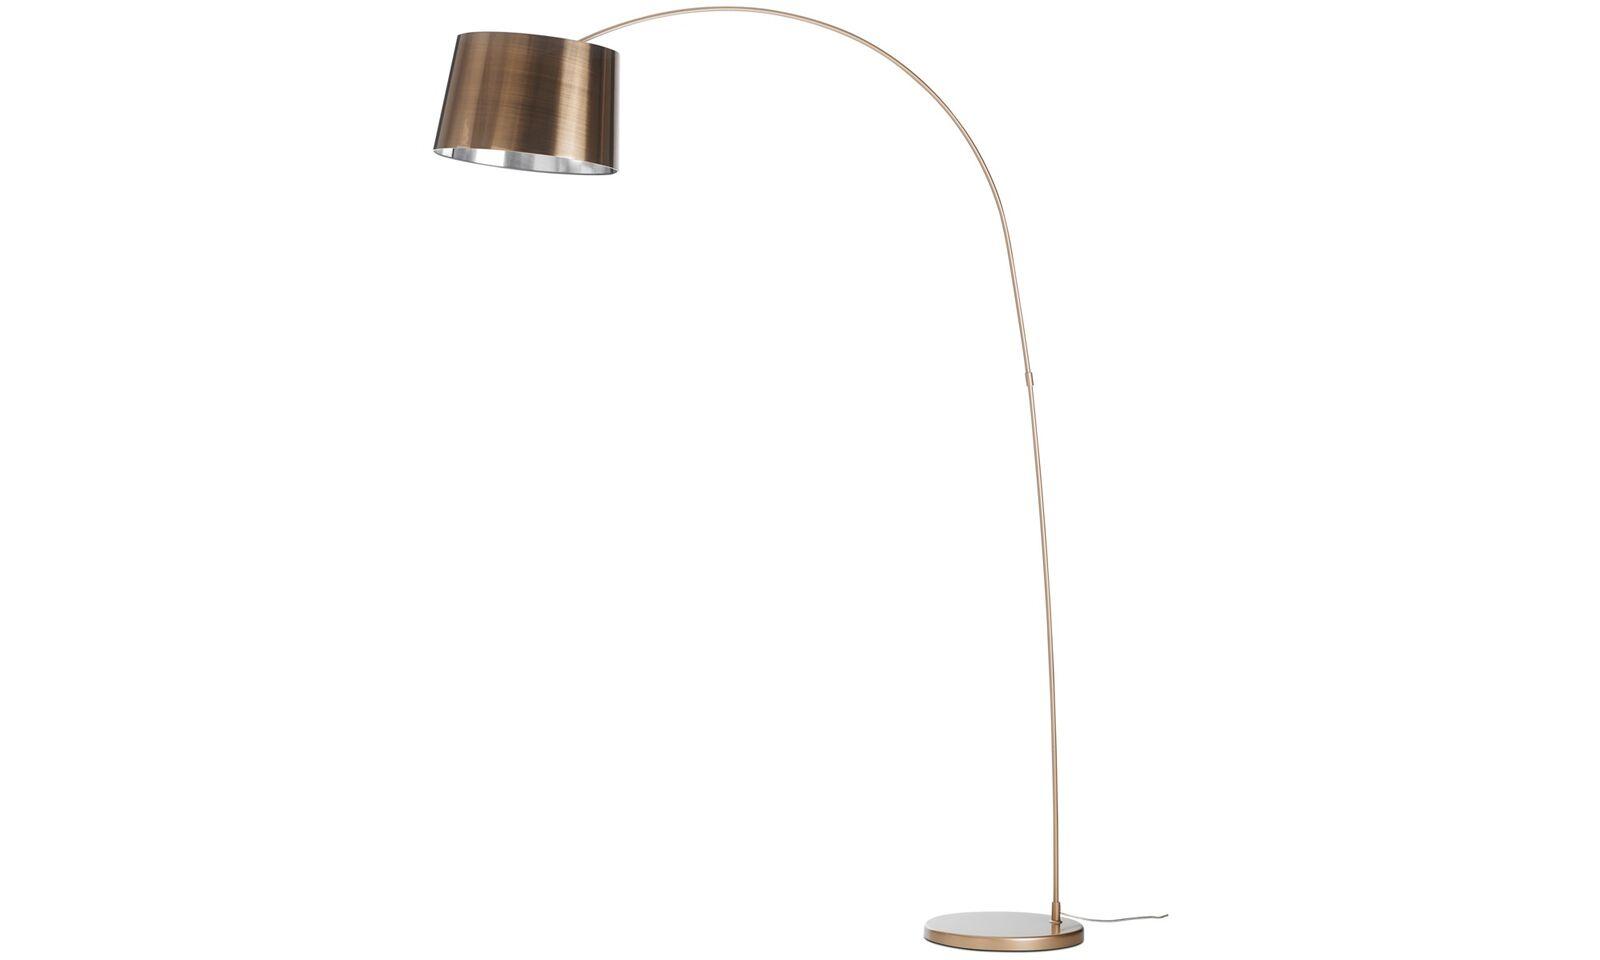 Kuta ランプ カッパー 20%OFF